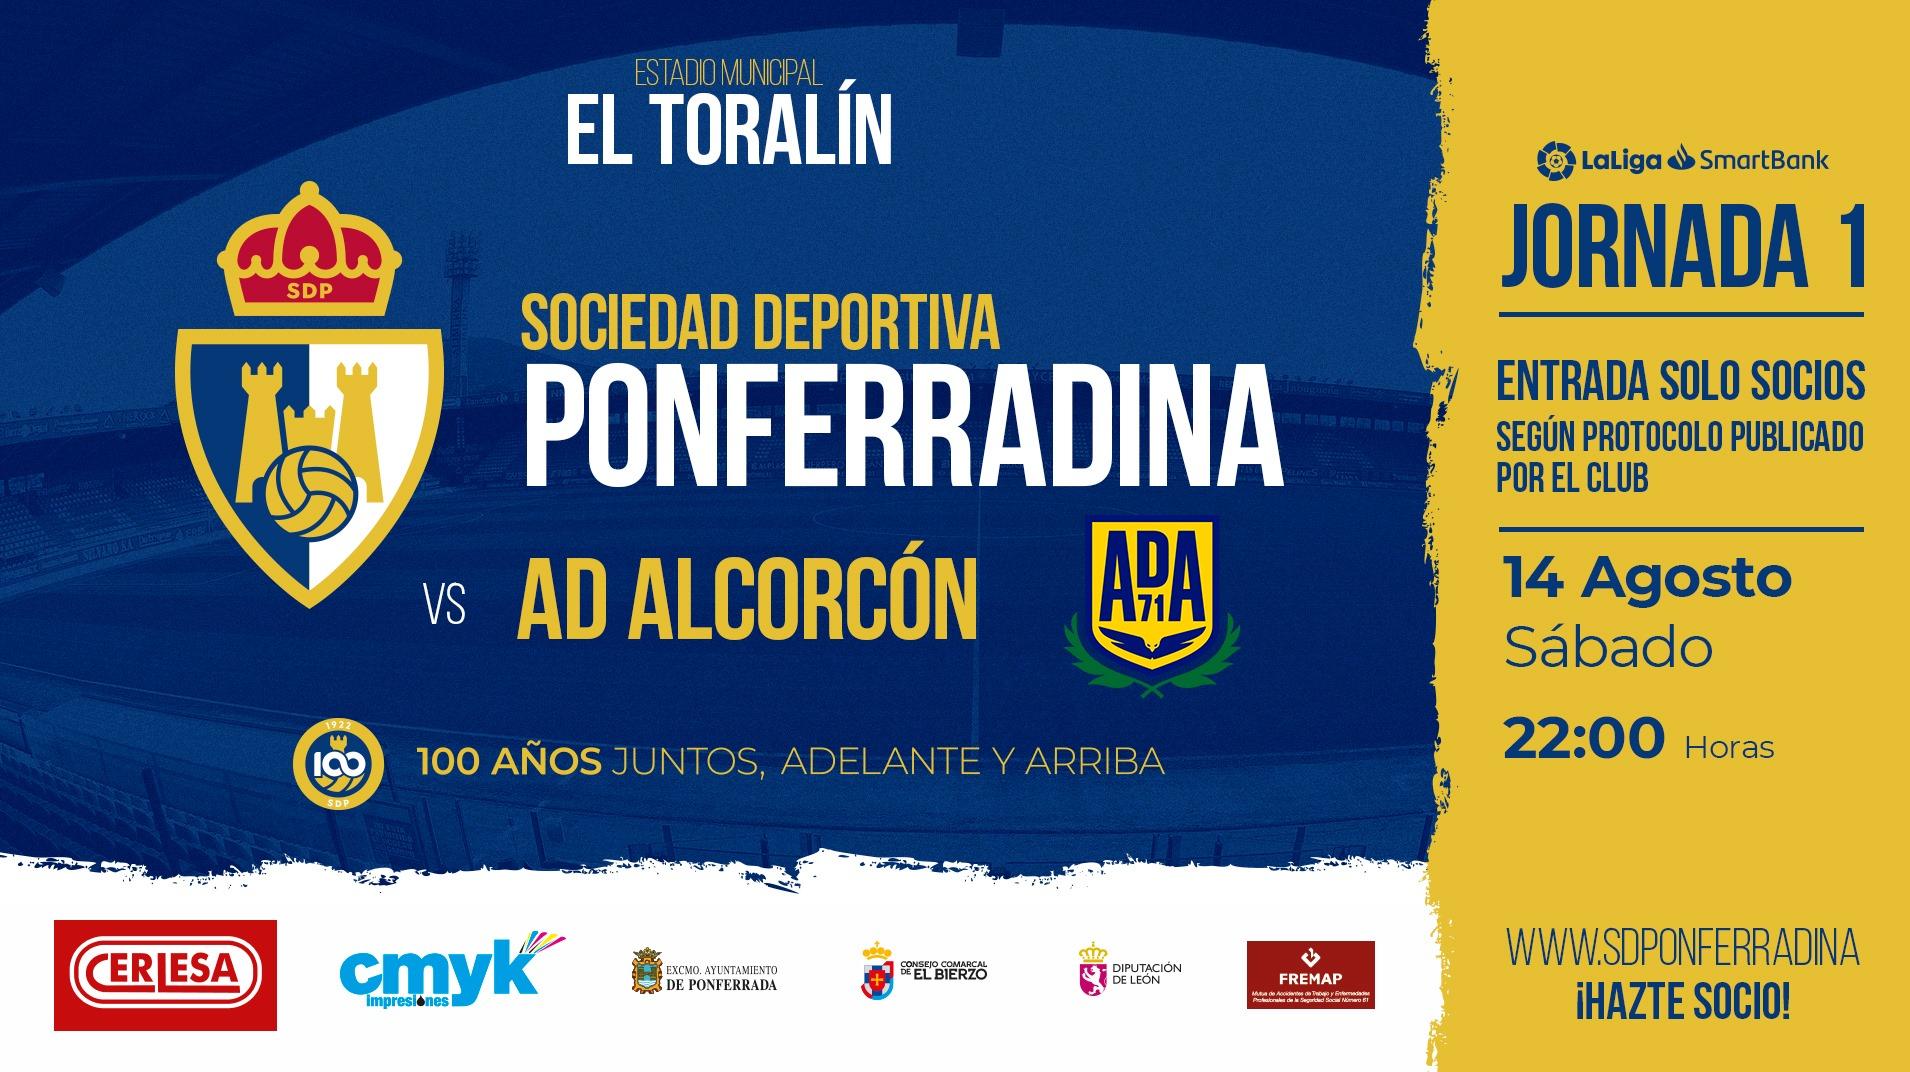 La Ponferradina publica las normas de asistencia al estadio para el partido frente al Alcorcón 1